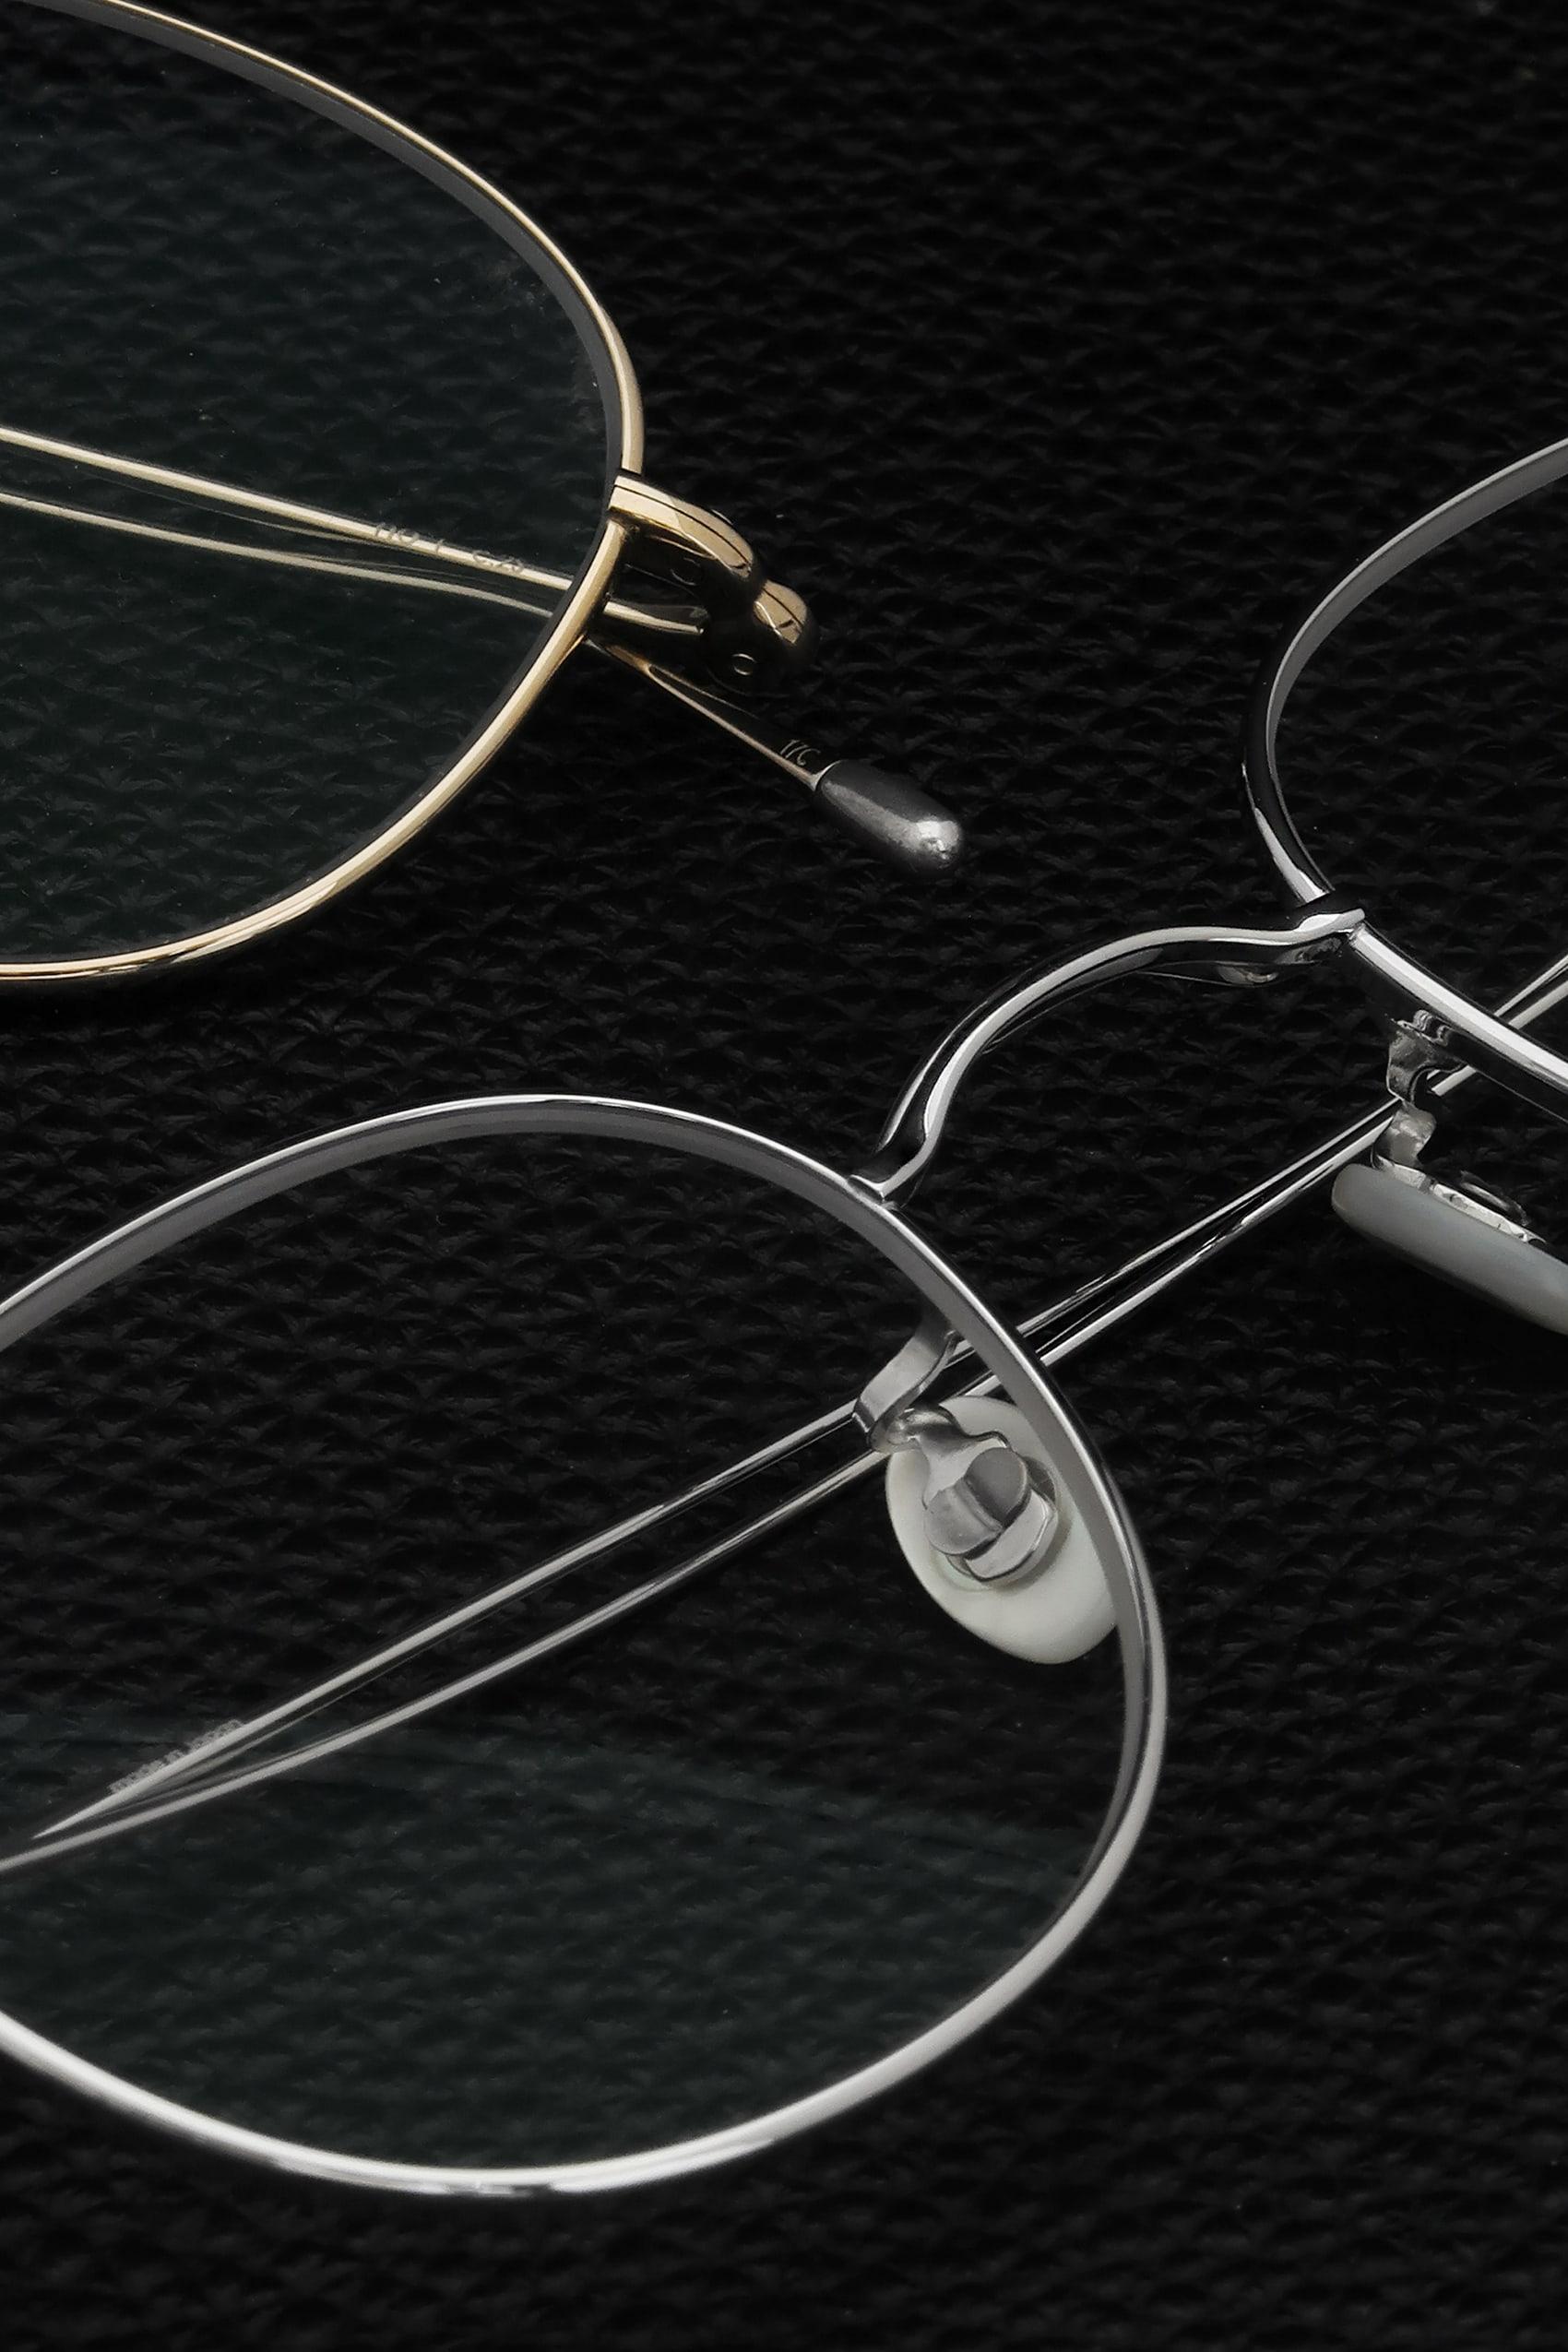 10 eyevan NO.1 C1S